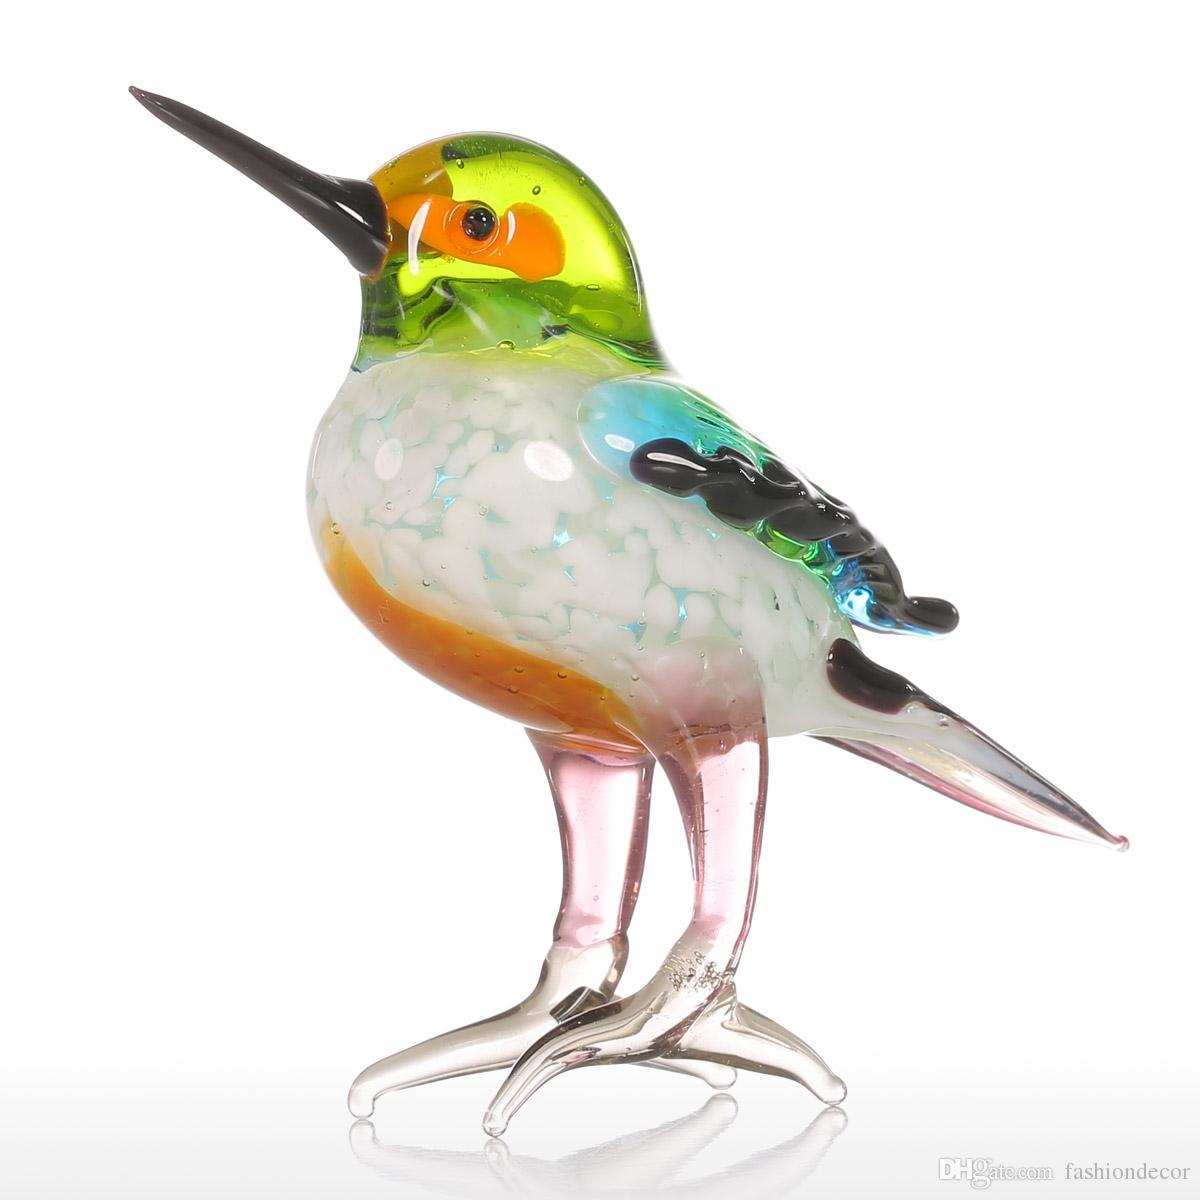 Tiny Bird Geschenk Glas Ornament Tierfigur mundgeblasenem Home Decor Multicolor für Office Home Dekoration kreative Handwerk